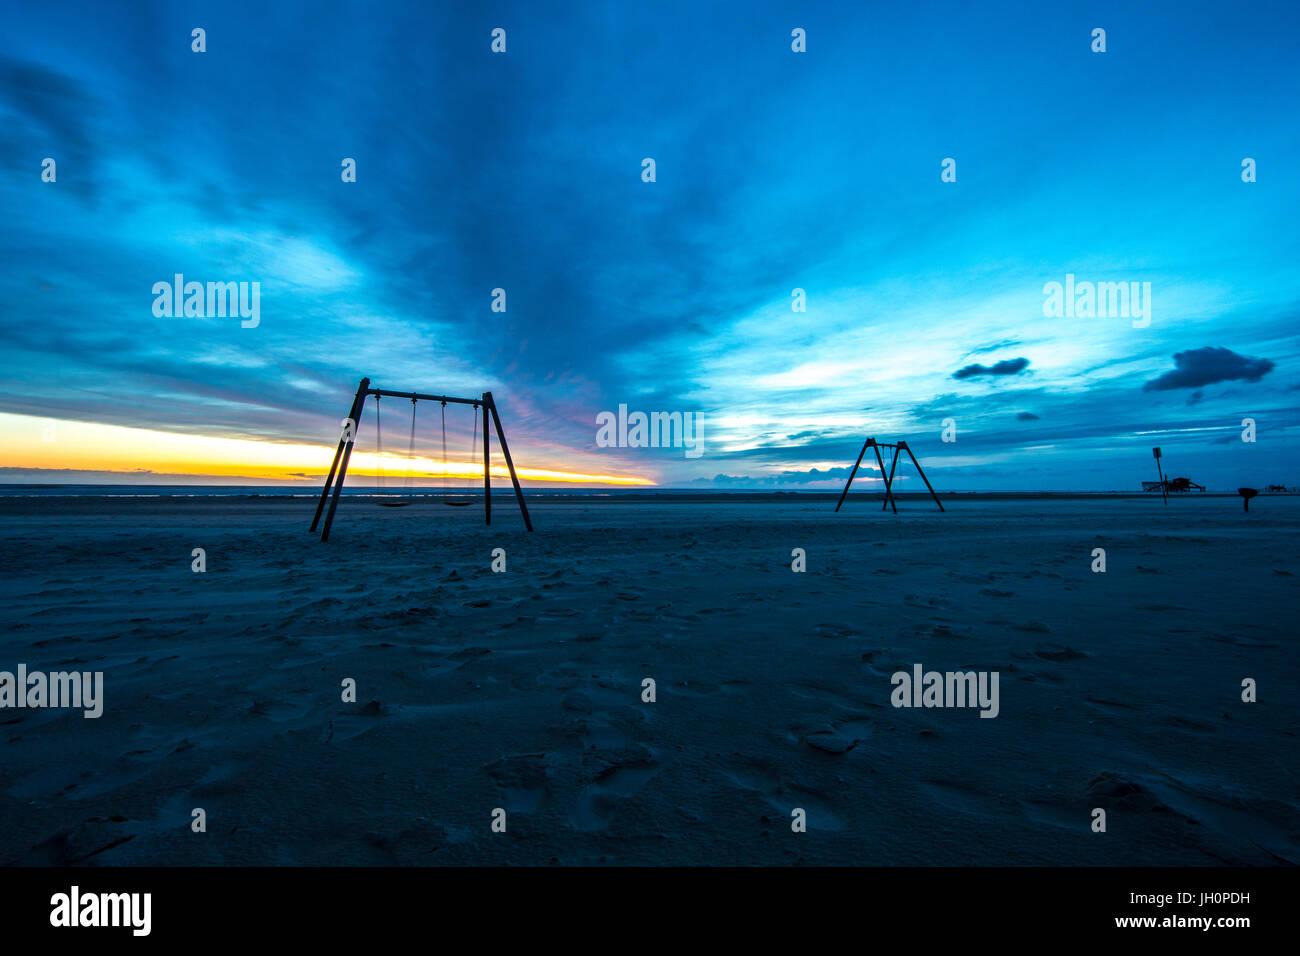 Dämmerung auf dem Strand von Sank Peter Ording in Norddeutschland. Schaukeln sind sanft bewegen während Stockbild